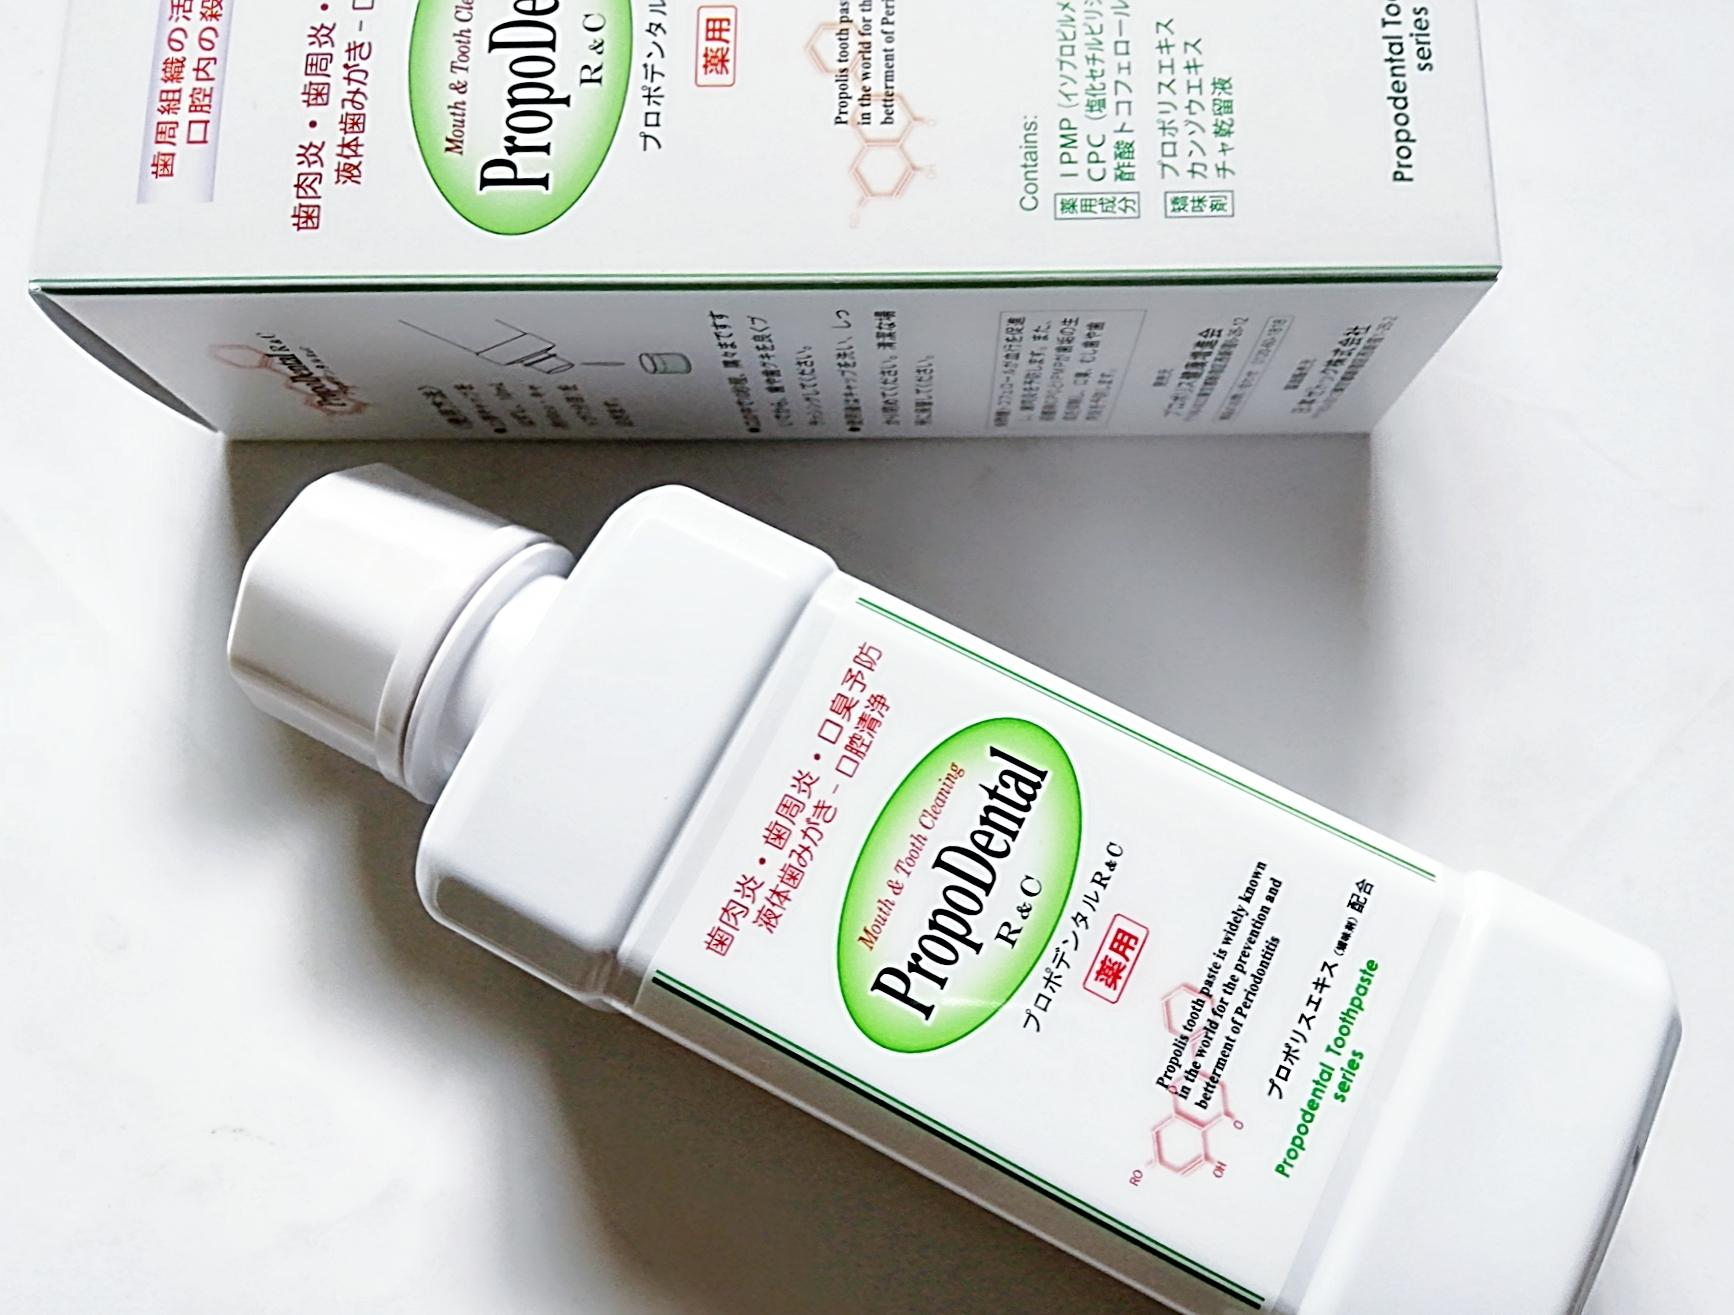 風邪の予防にも!?水なしで口腔内のケア 薬用液体ハミガキ【プロポデンタルリンスR&C】